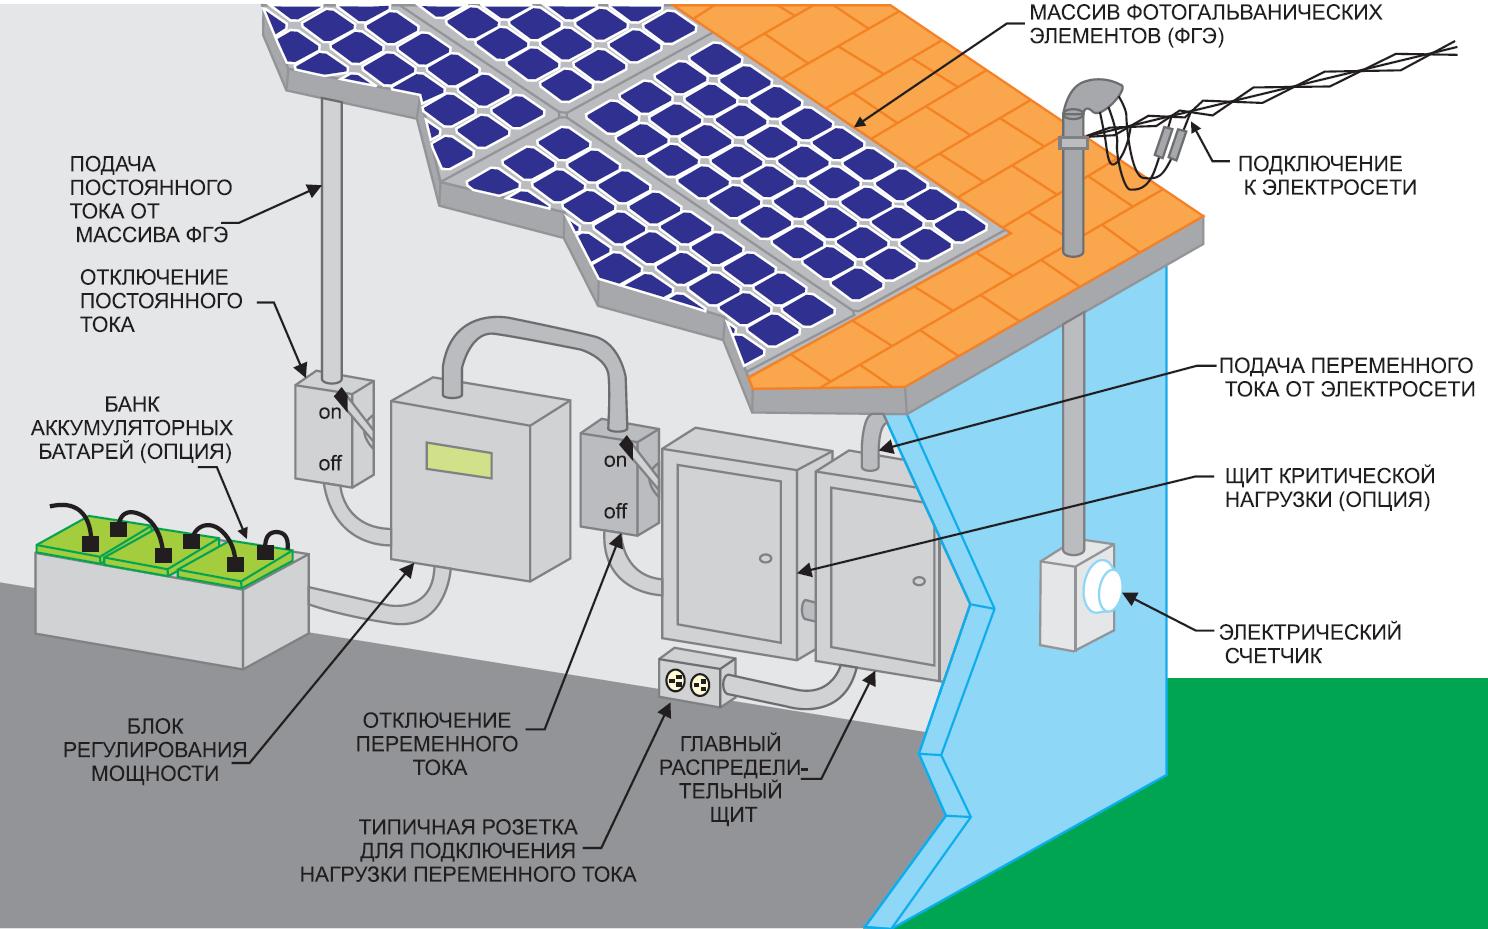 Перспективы отрасли солнечных фотогальванических элементов (ФГЭ)